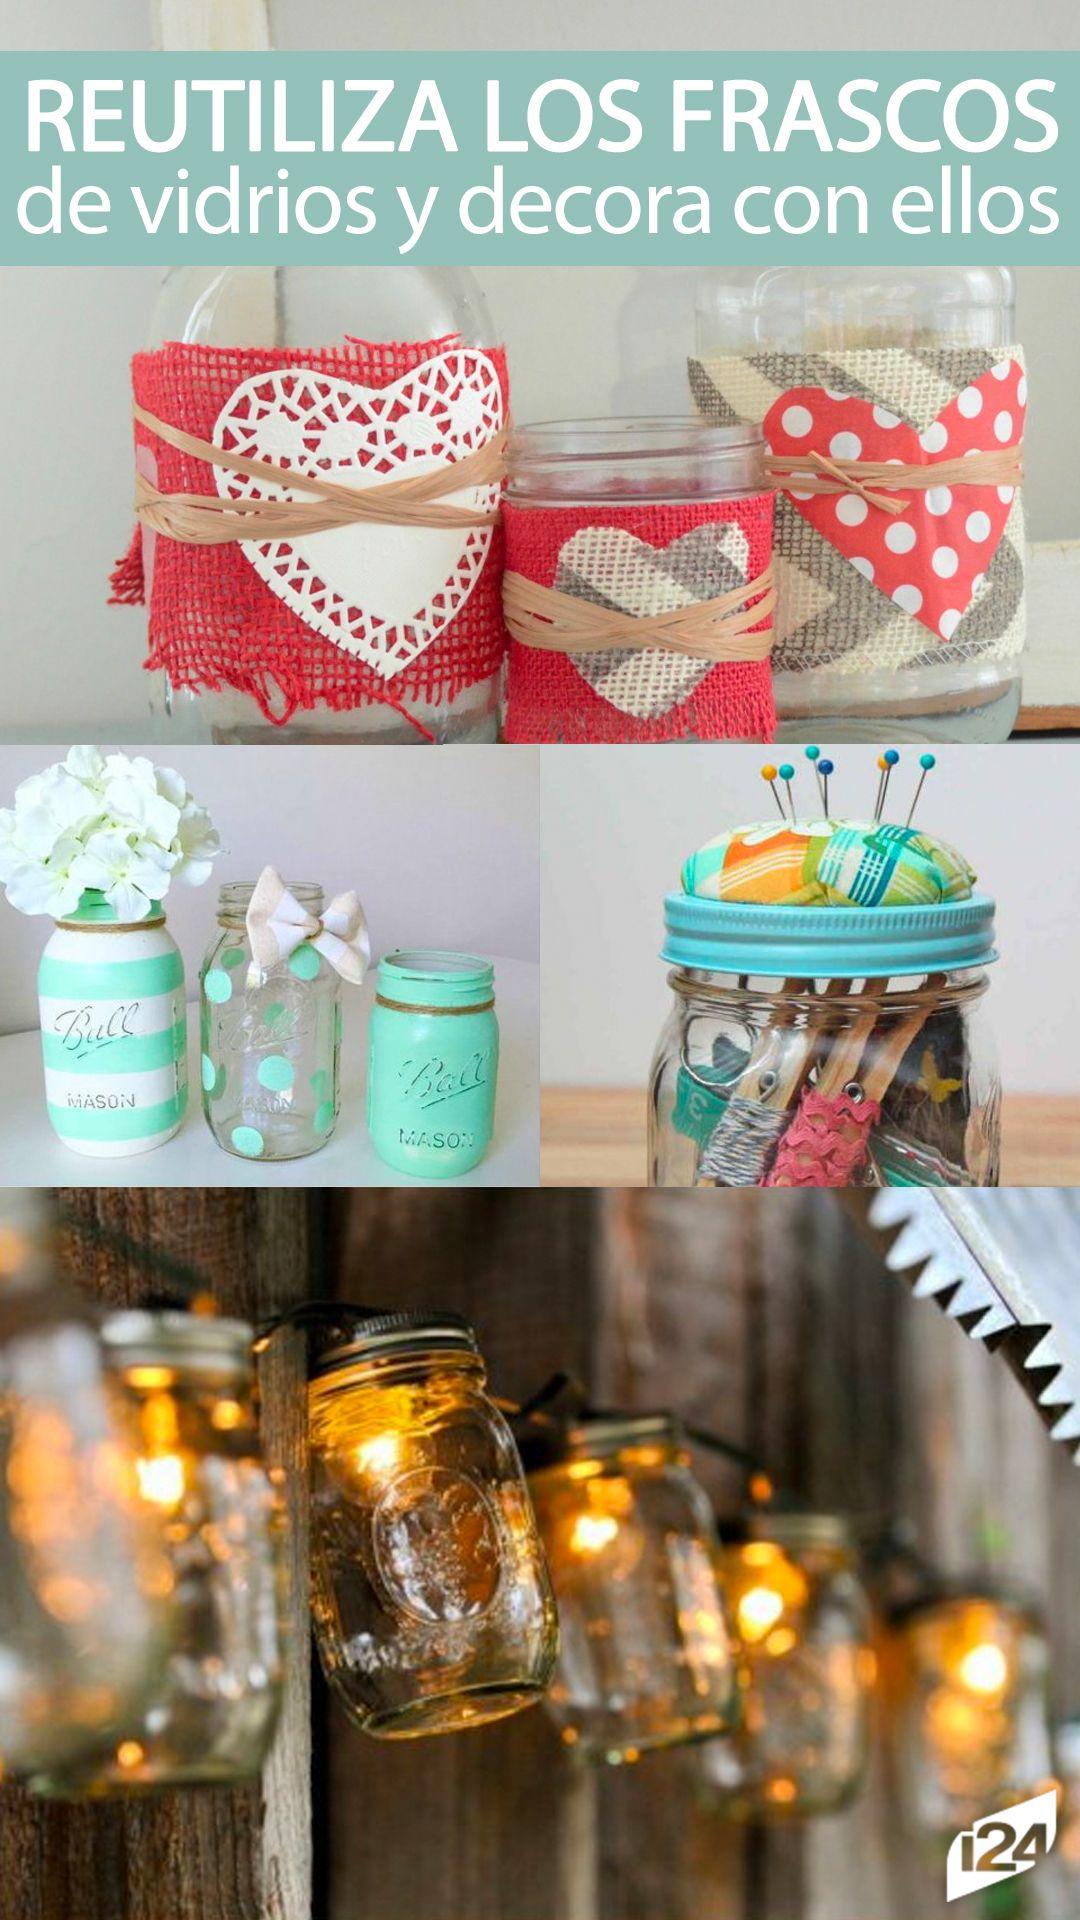 Excelente idea para reciclar y decorar al mismo tiempo #Reciclaje ...